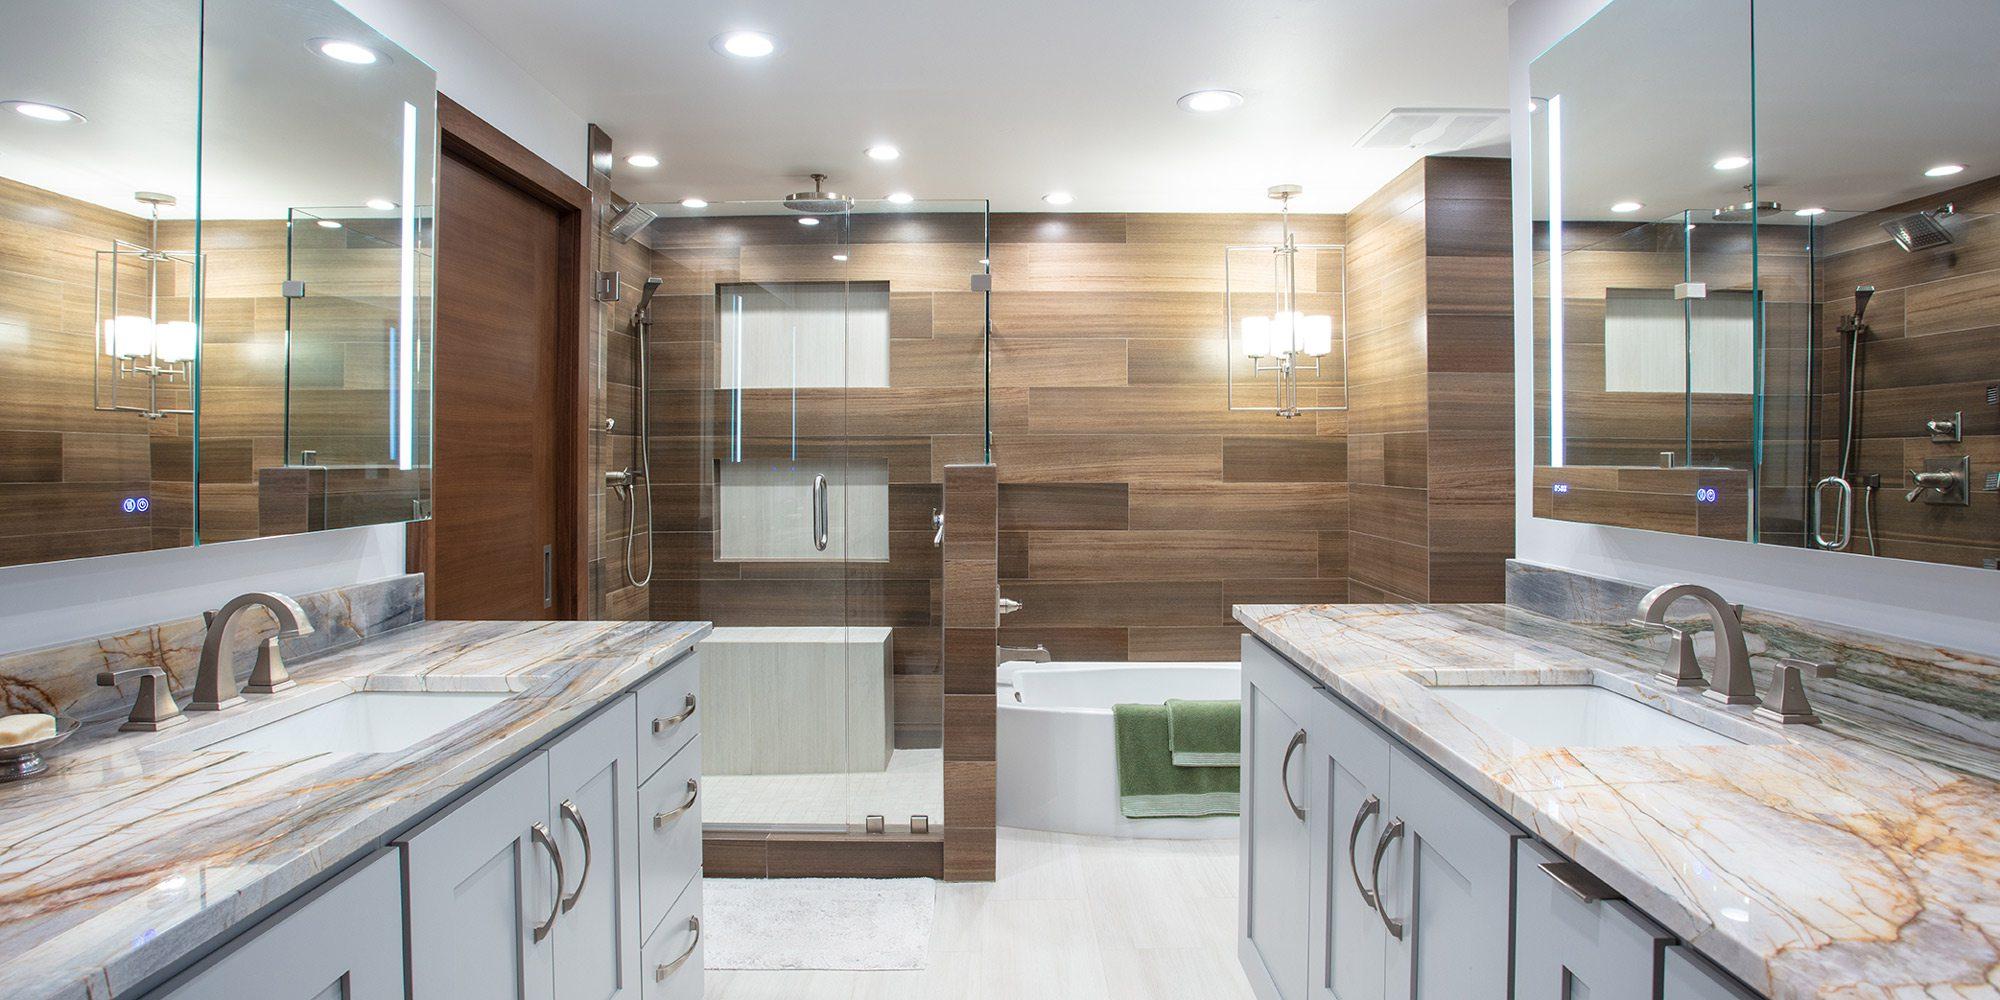 Best Bathroom winner of Design Awards 2021